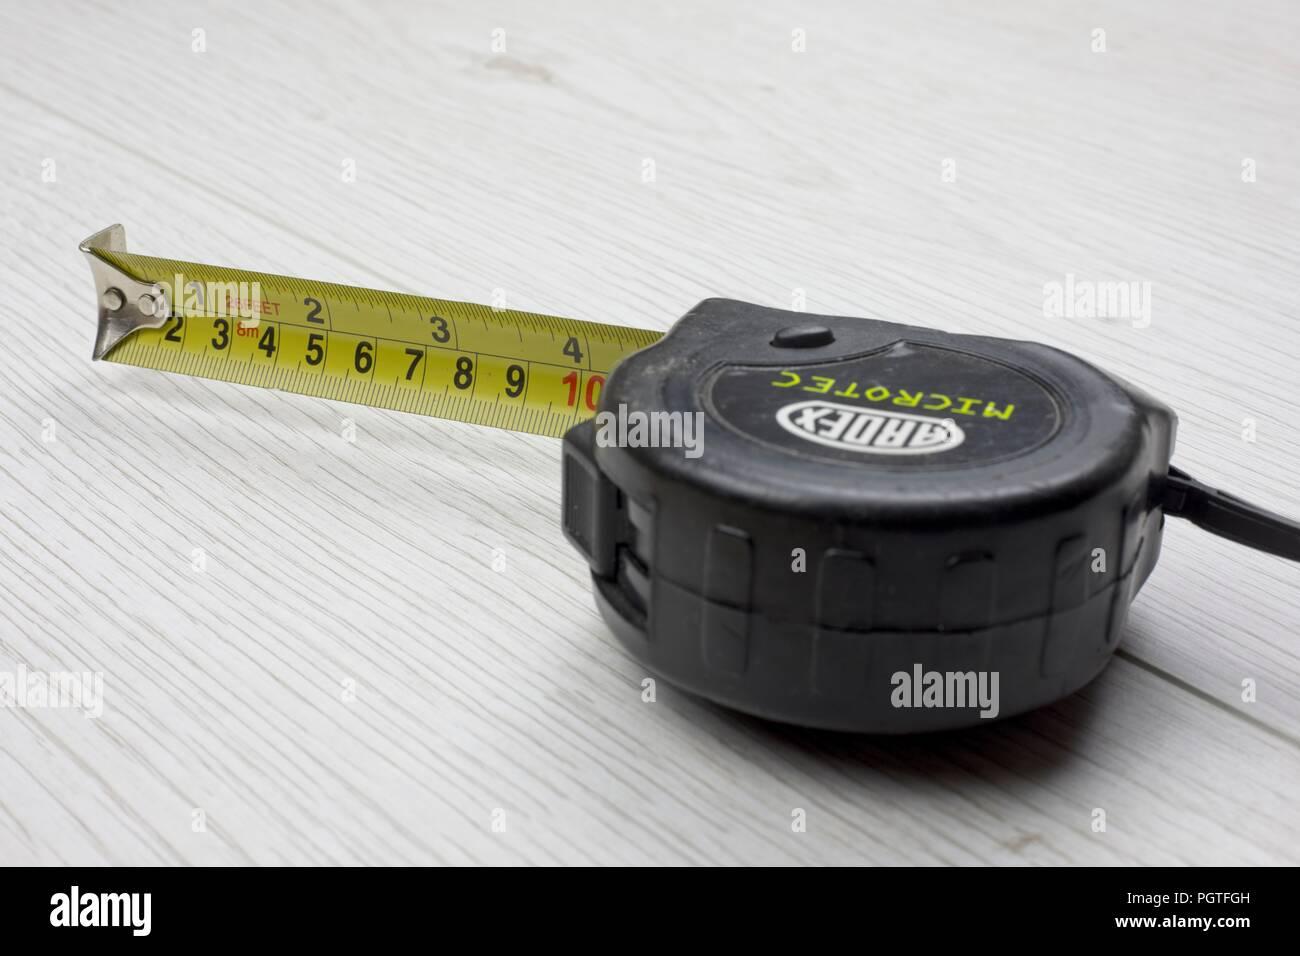 Ruban de mesure, toit escamotable,en métrique et impériale measuremnts Photo Stock